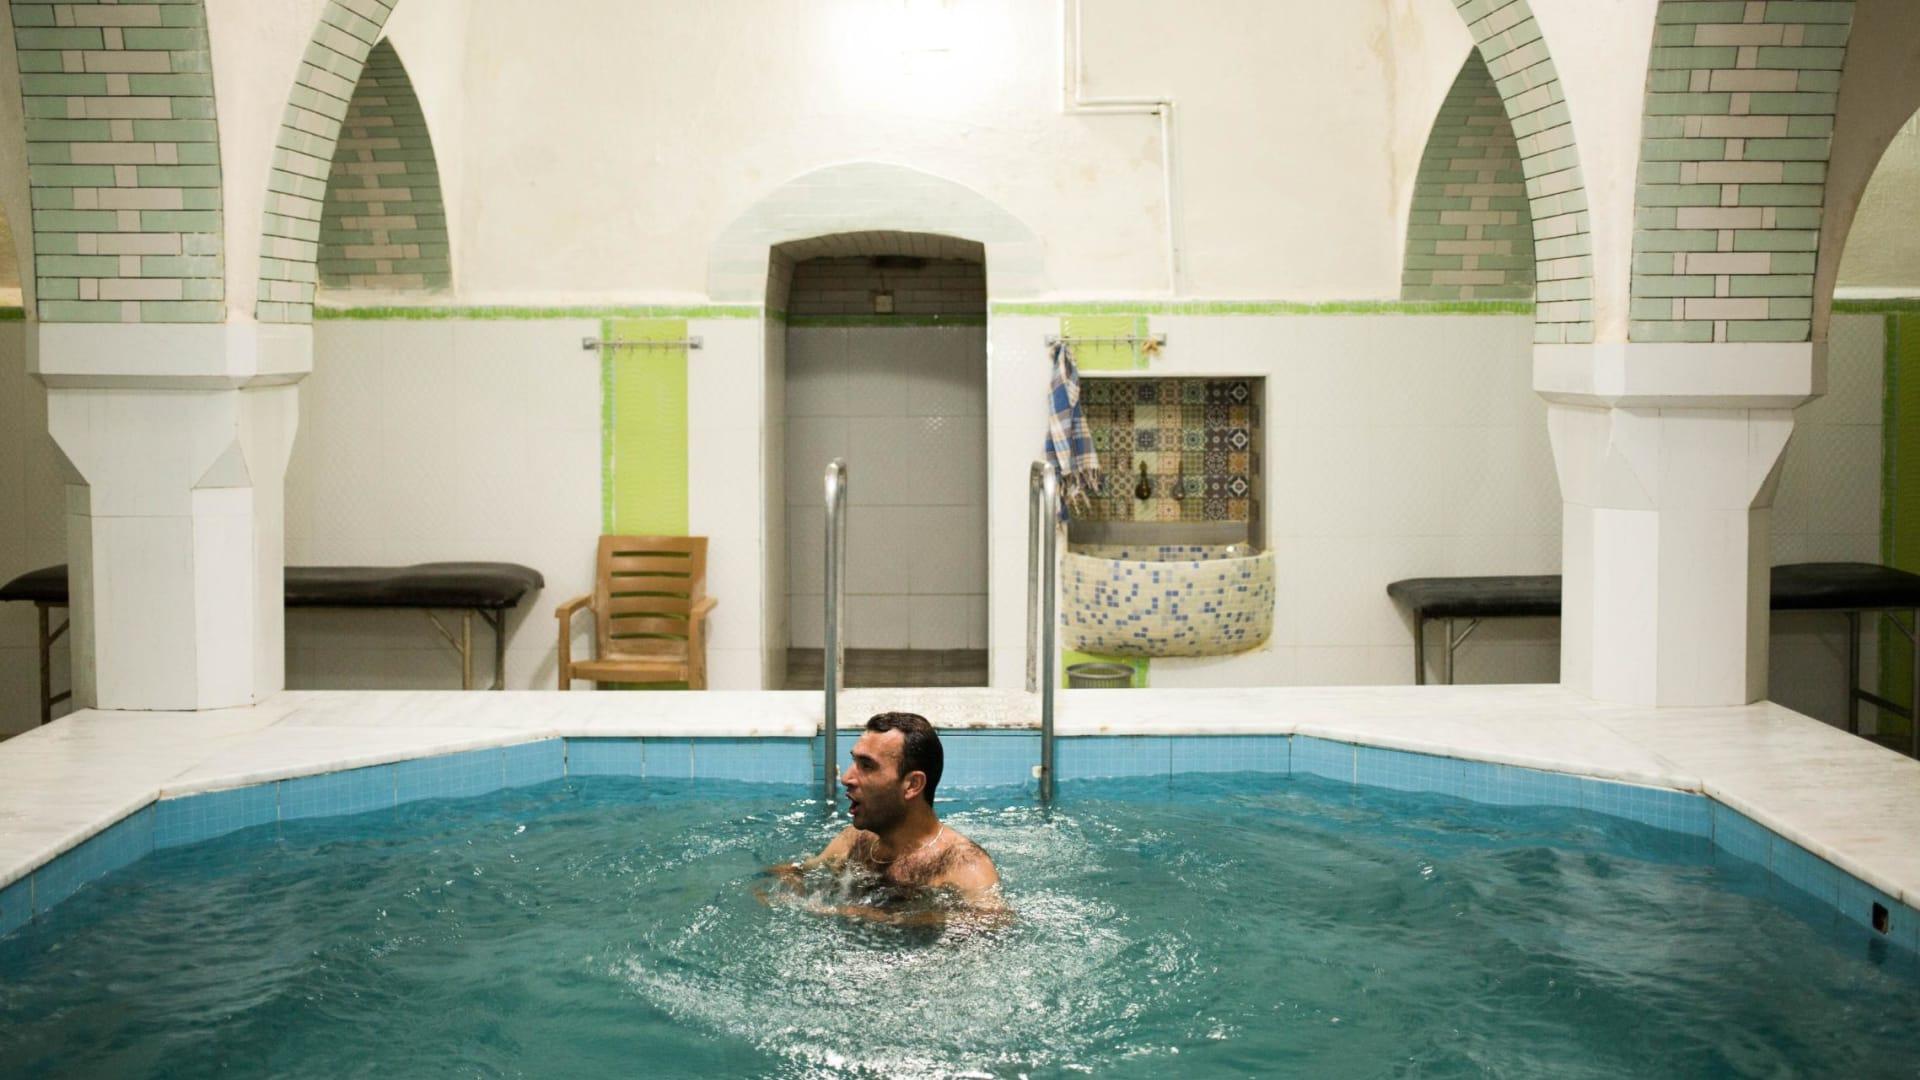 وراء الجدران.. تعرف إلى طقوس الحمام الأذربيجاني